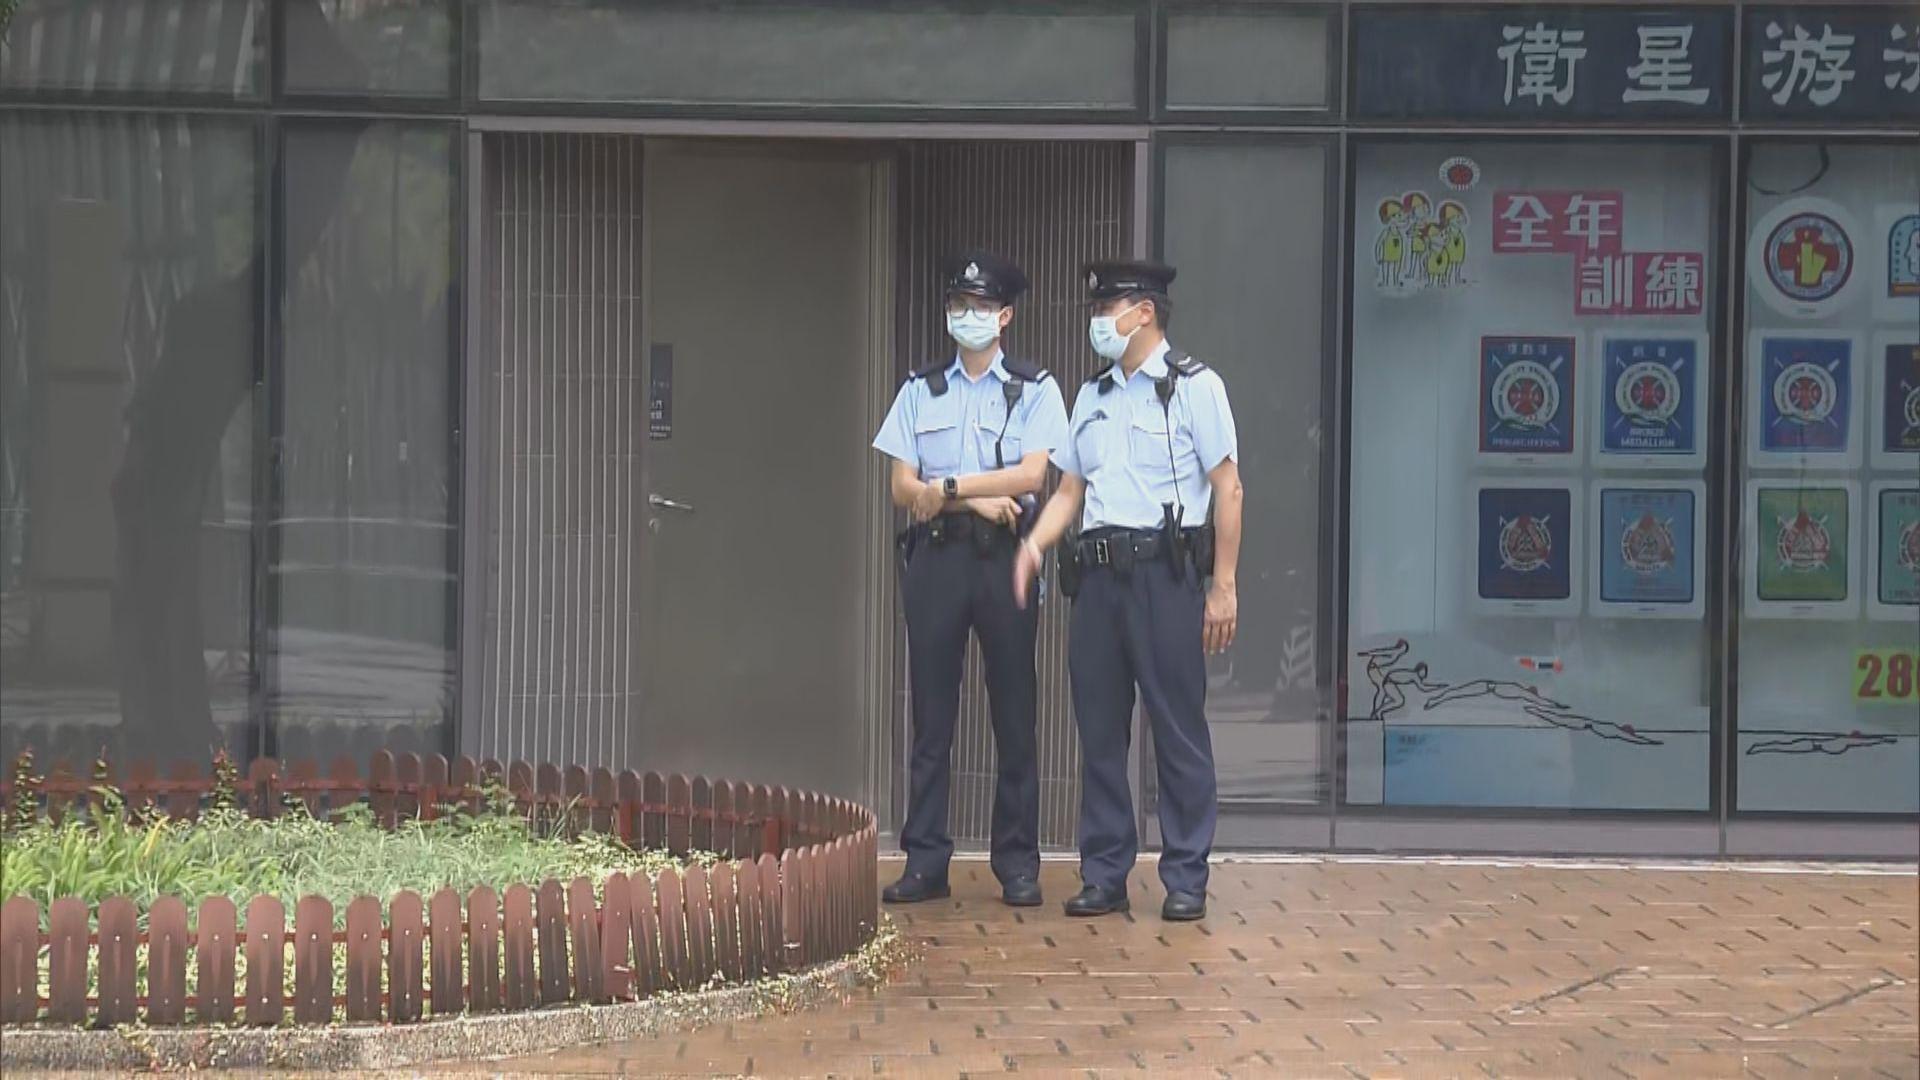 軍裝警員在維園泳池外戒備 有穿黑衣市民在球場徘徊